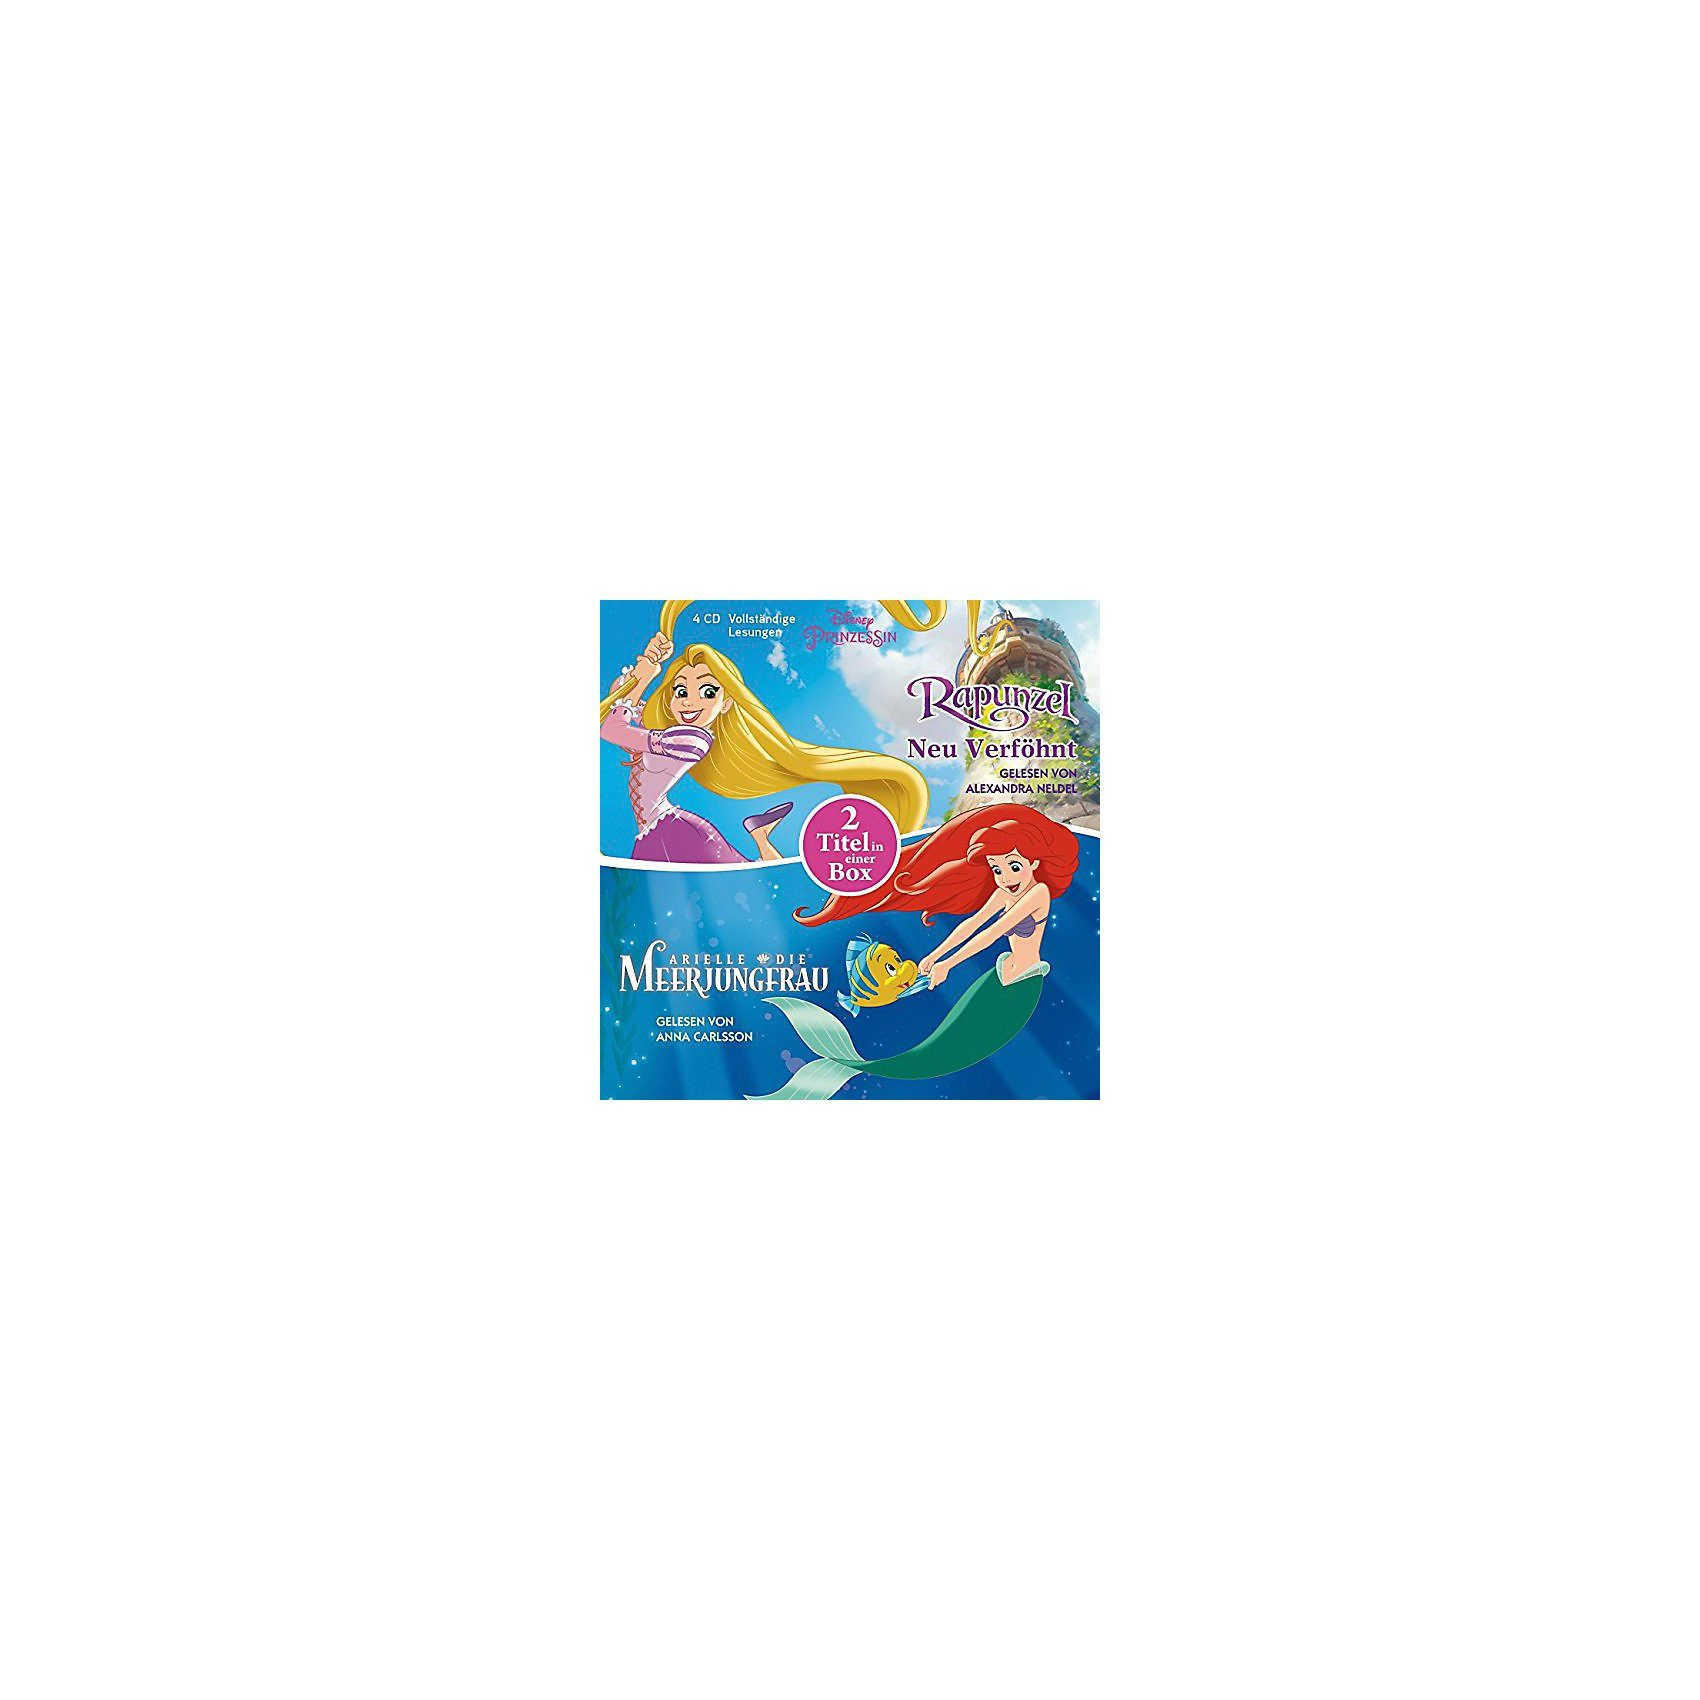 Edel CD Disney Prinzessinnen - Arielle, die Meerjungfrau / Rapunz